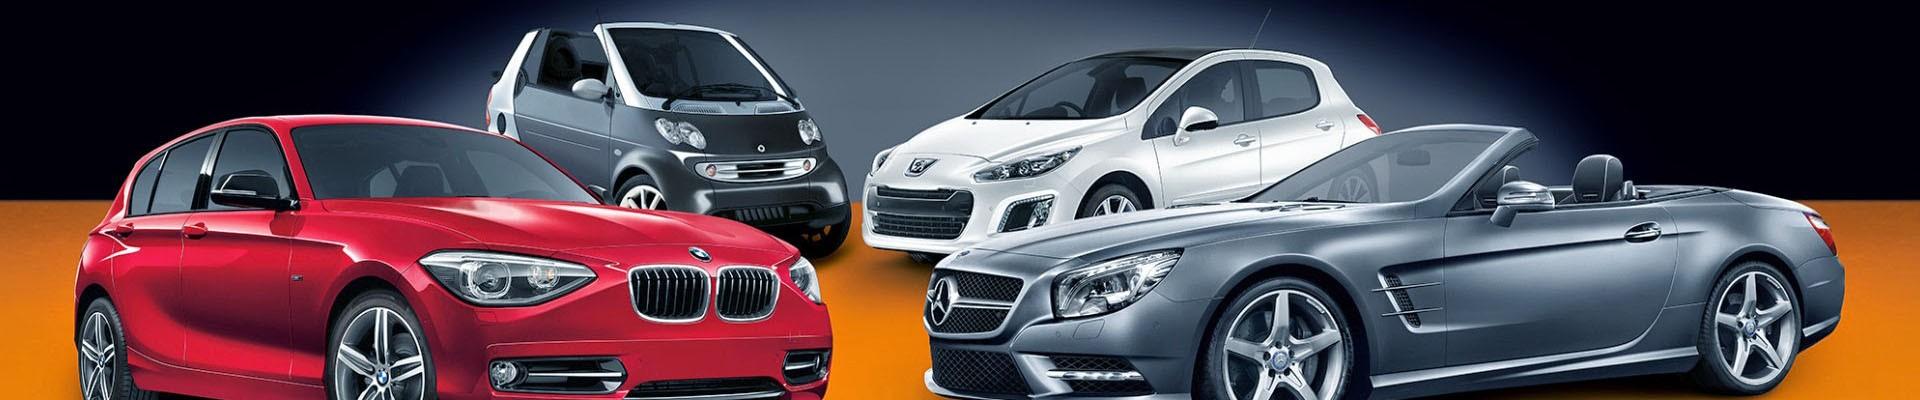 Alquiler de coches en Versalles